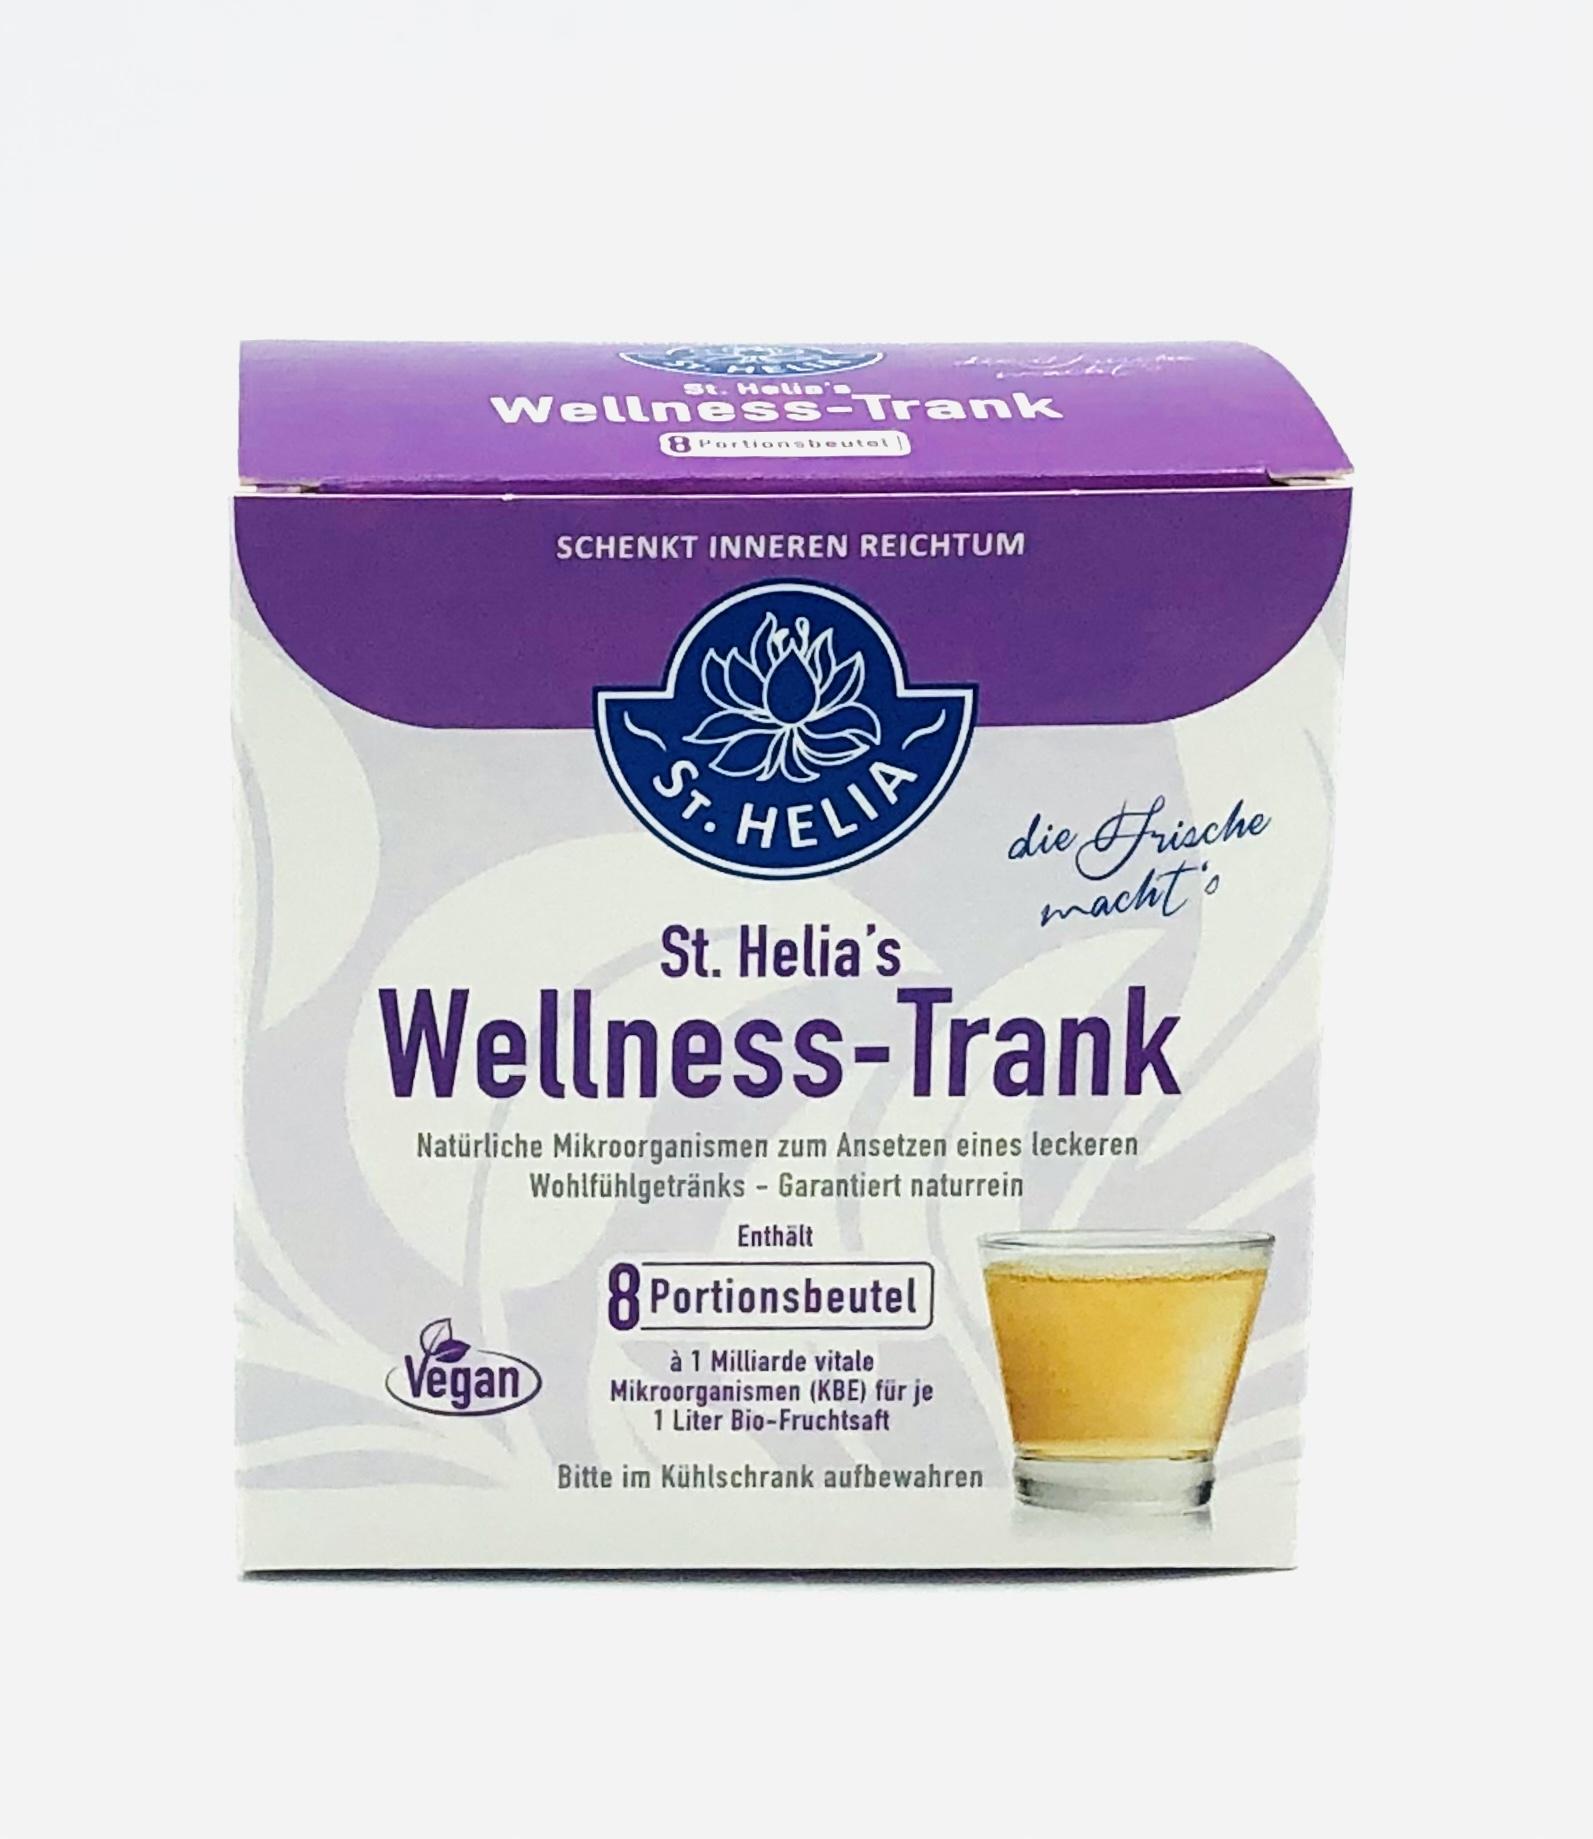 St. Helia Wellness-Trank, 8 Portionstütchen für 2 Monate